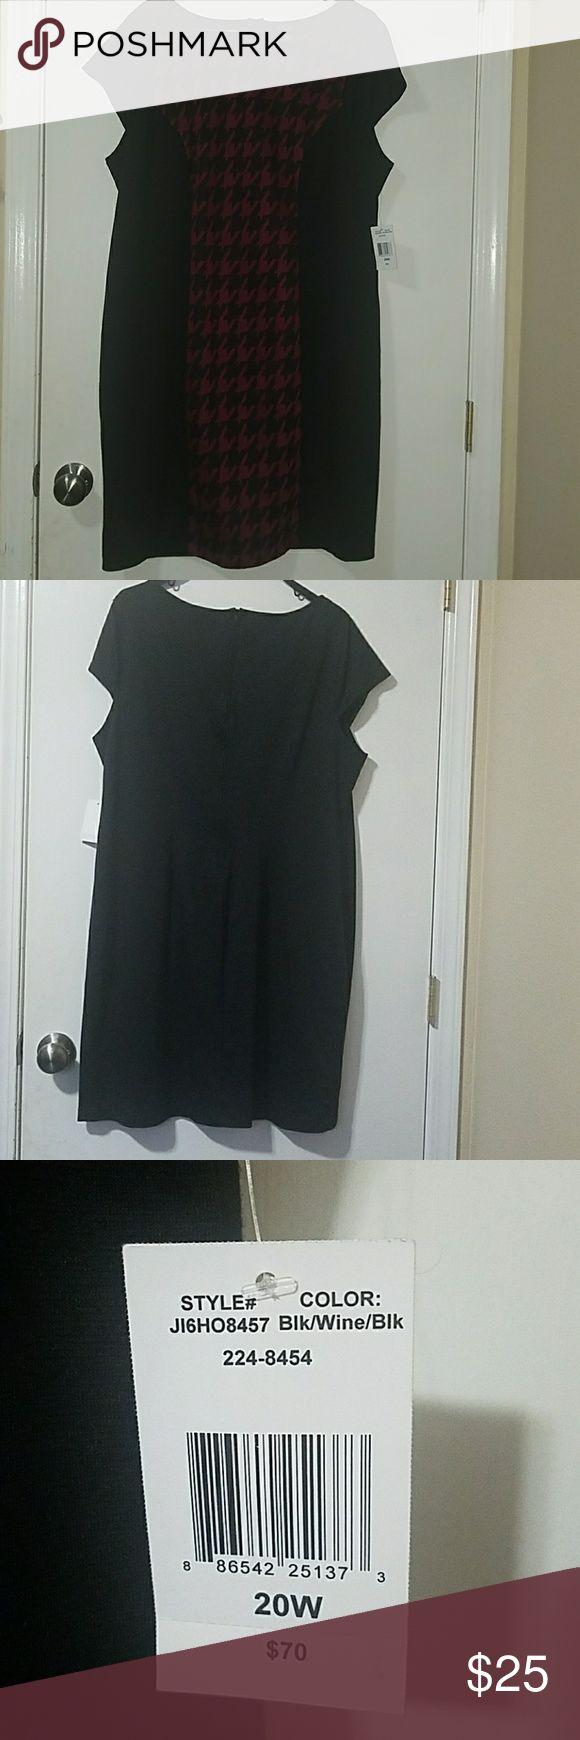 Woman's dress Black/Wine/Black dress size 20W New with tags. B. Smart Woman Dresses